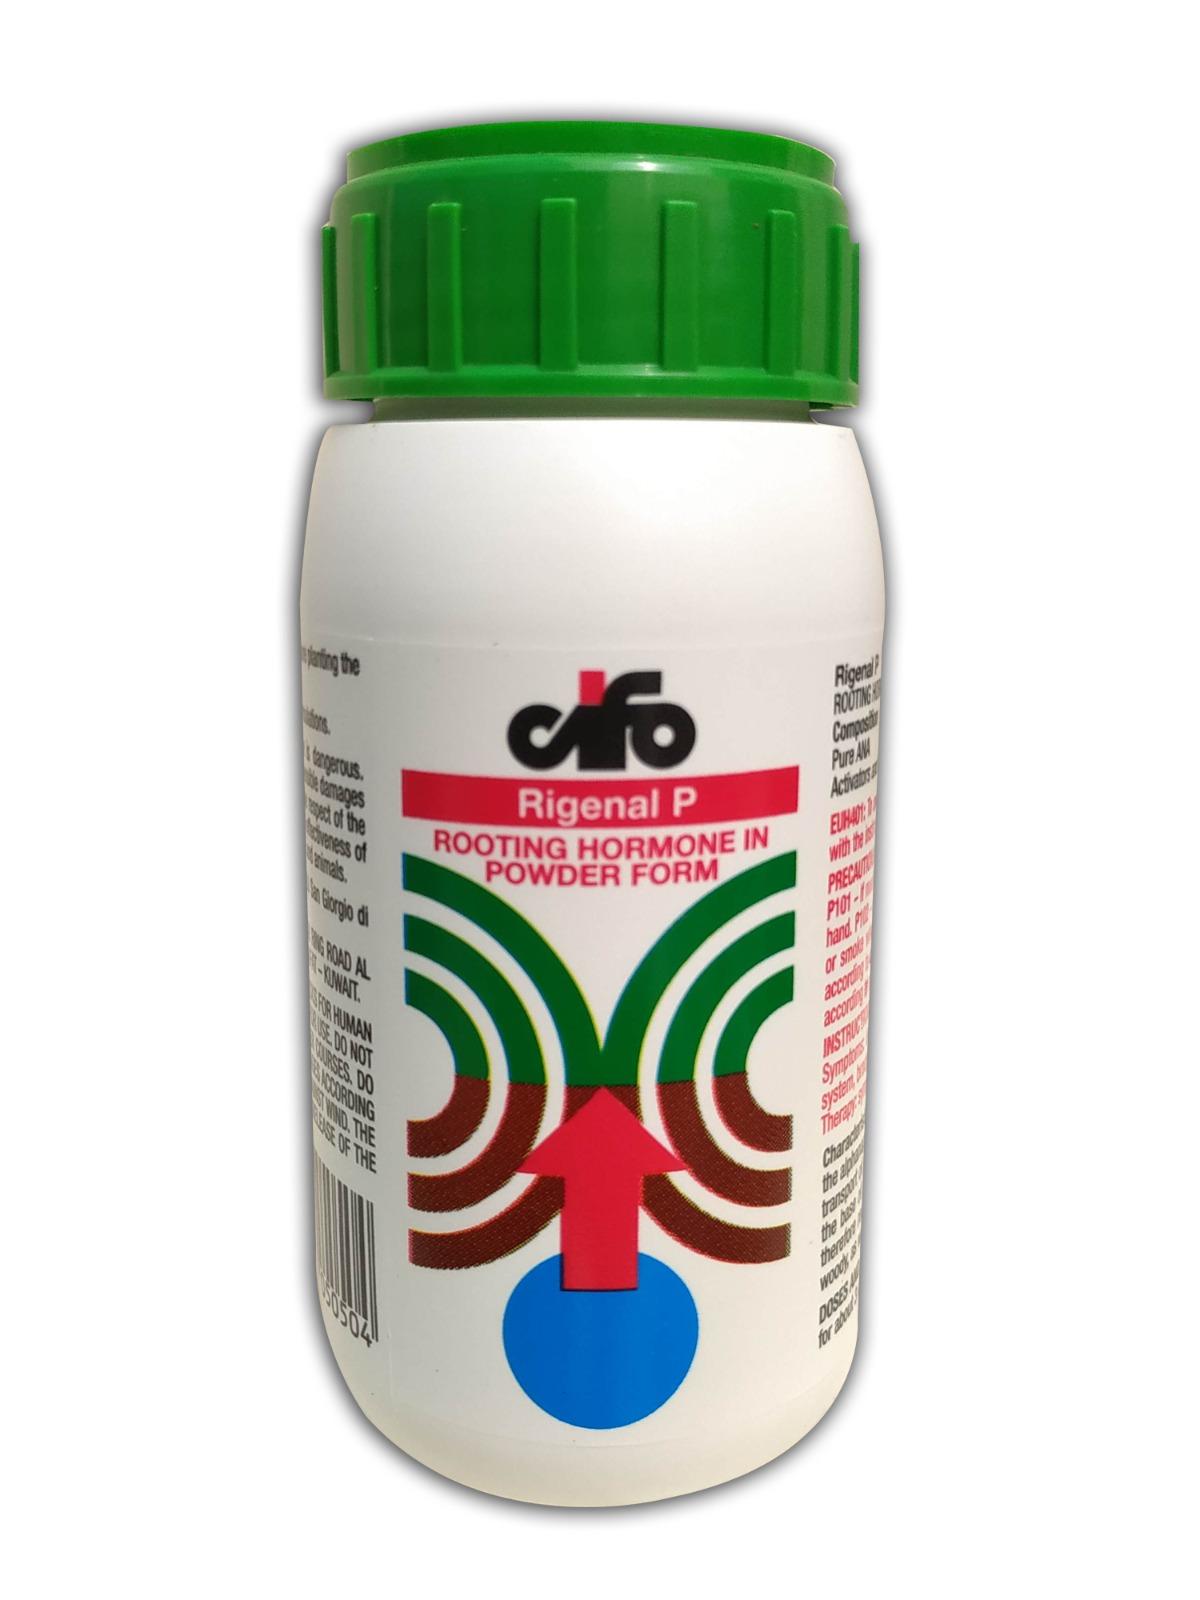 Rigenal P Rooting Hormone 'Soil Fertilizer Pesticide'